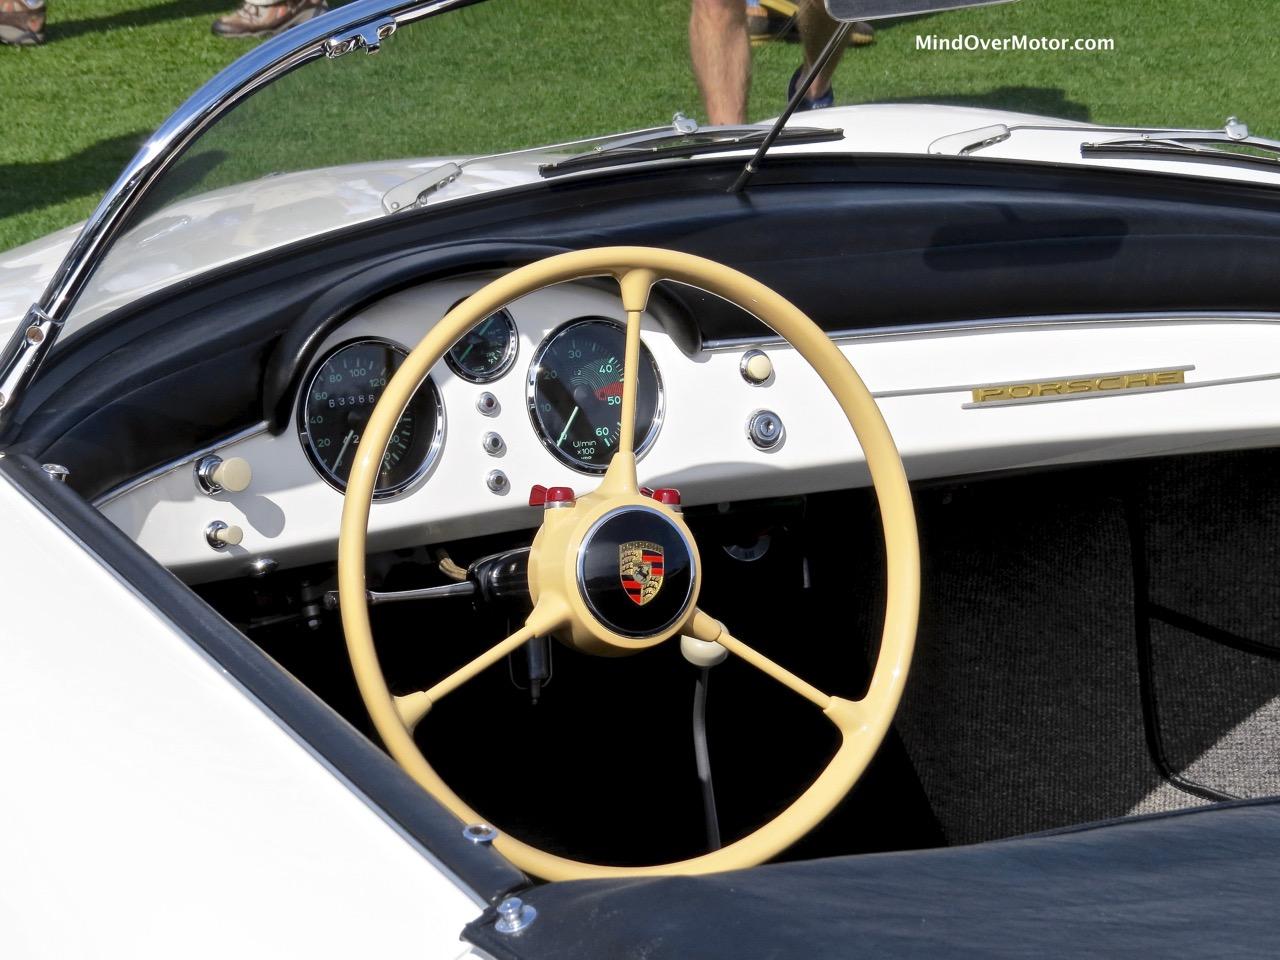 1955 Porsche 356 Speedster Interior